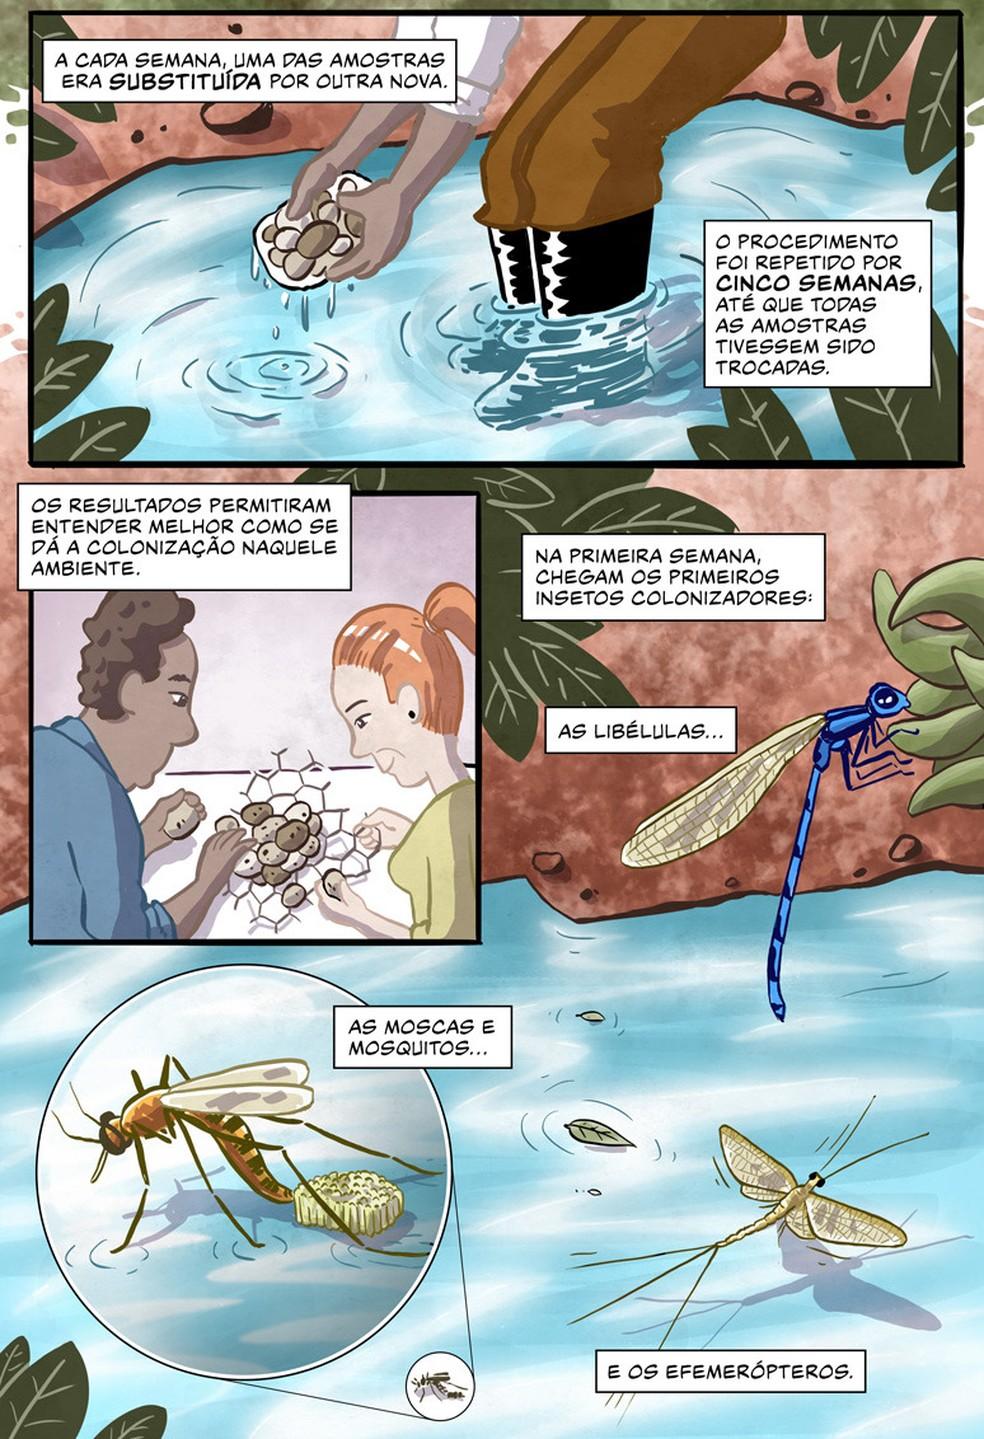 """""""Ciclos"""" - parte 3: história em quadrinhos ilustra e reconta os resultados de artigo científico sobre o ciclo de vida dos insetos — Foto: Divulgação/Luciano Queiroz e Marco Merlin"""